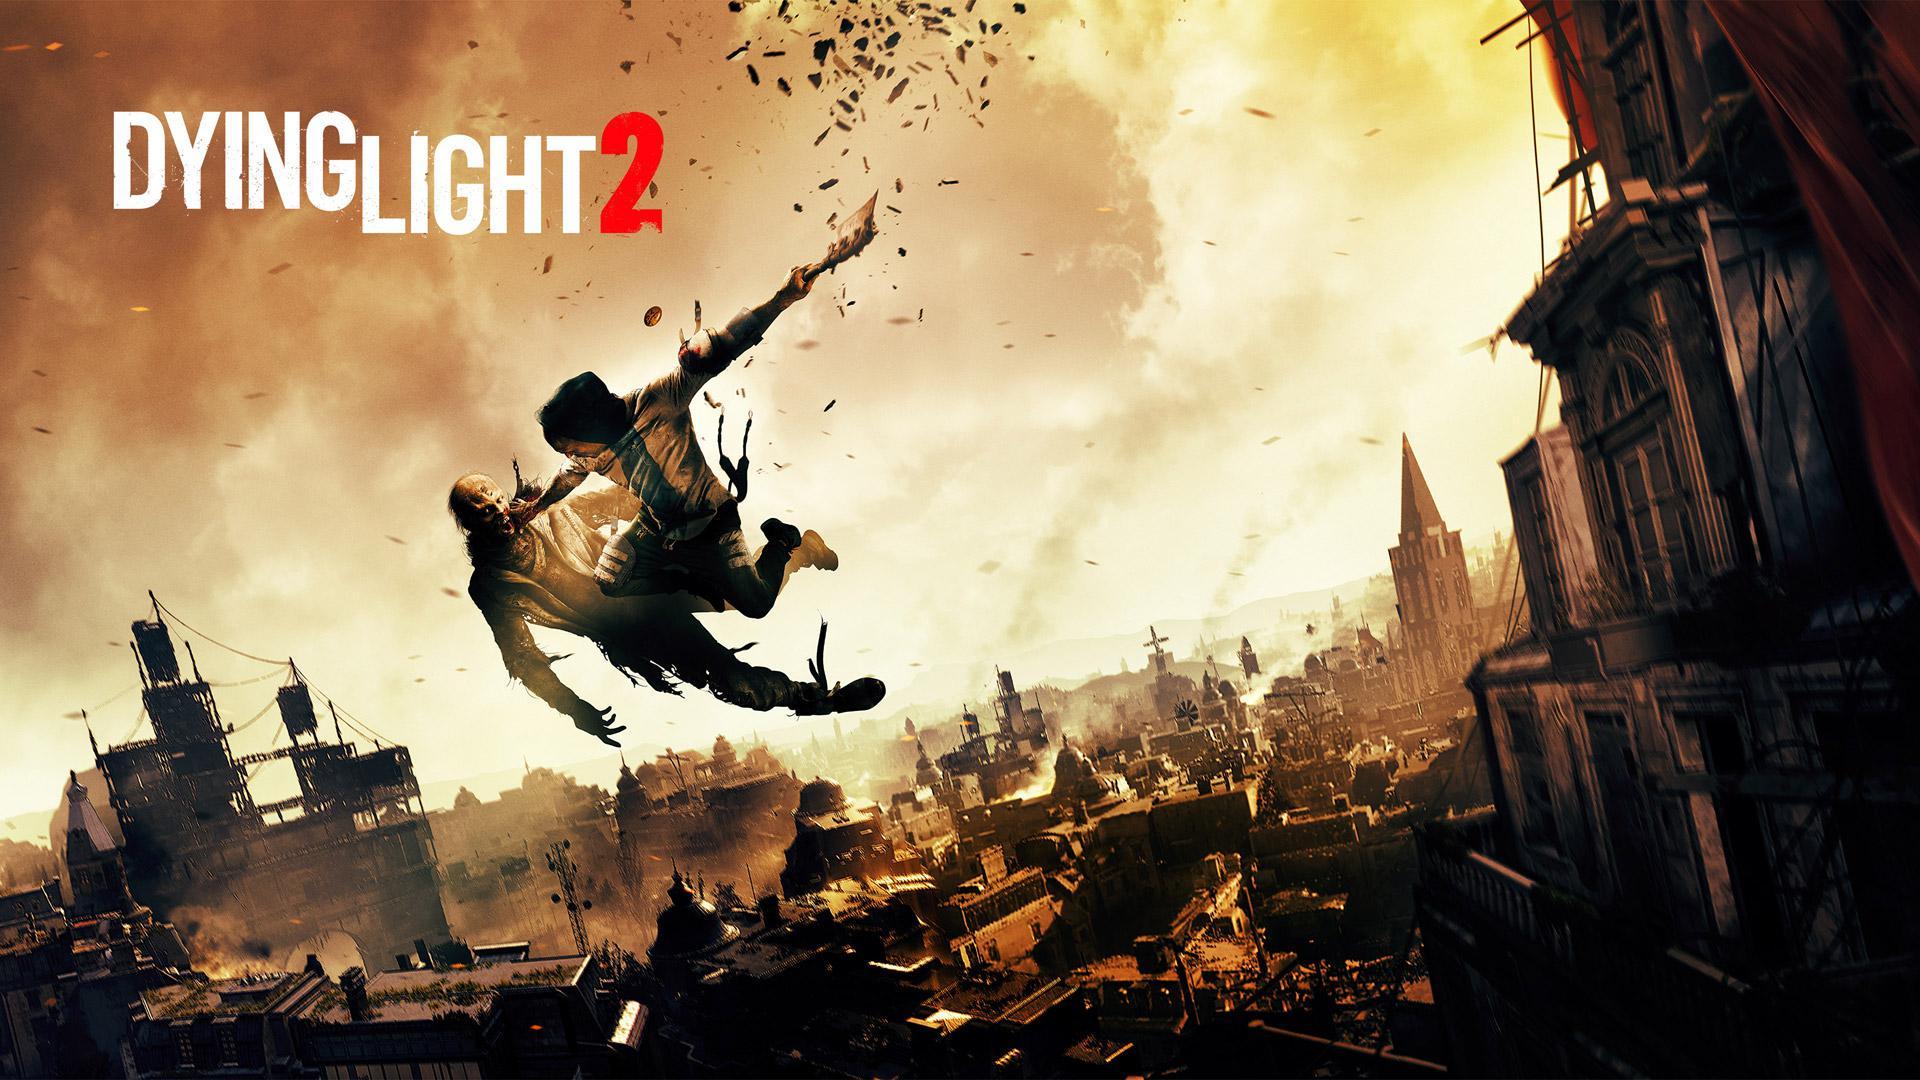 Em uma recente entrevista os membros da Techland, o estúdio responsável por desenvolver Dying Light 2, disseram que o jogo está quase finalizado.